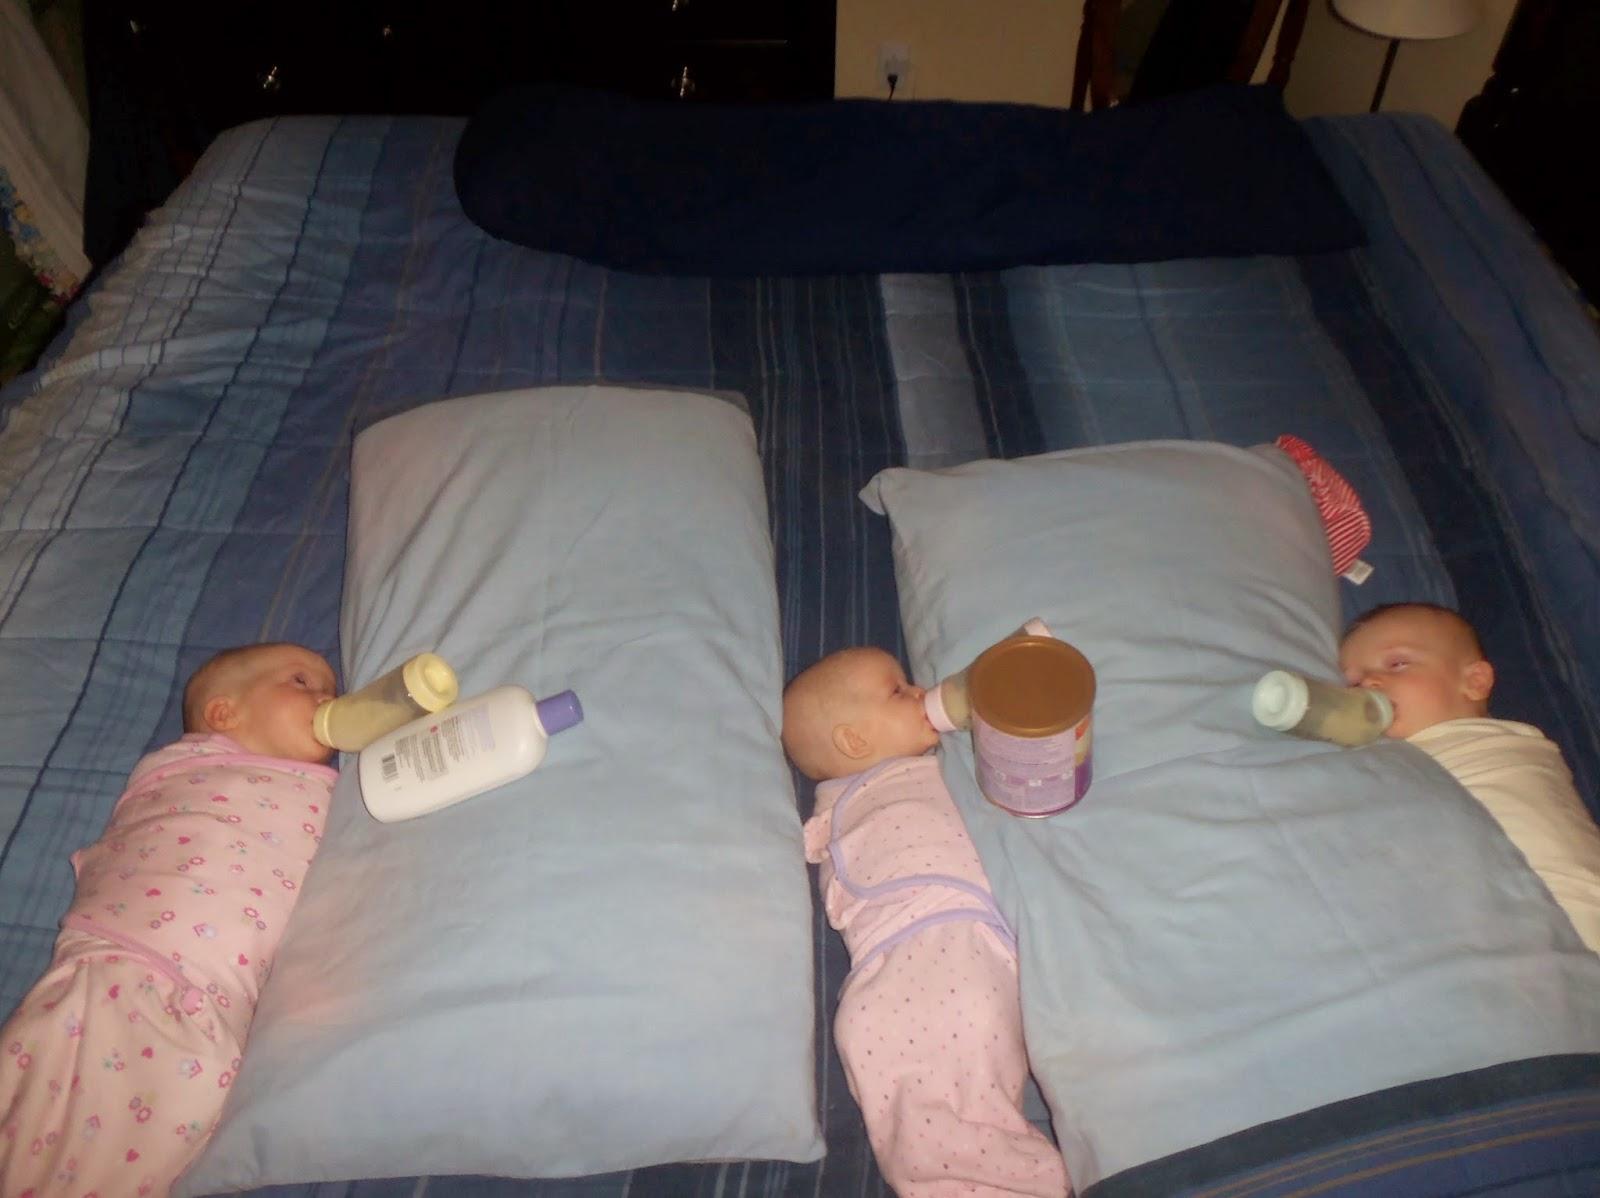 Triplets + Toddler: Bottle Propping